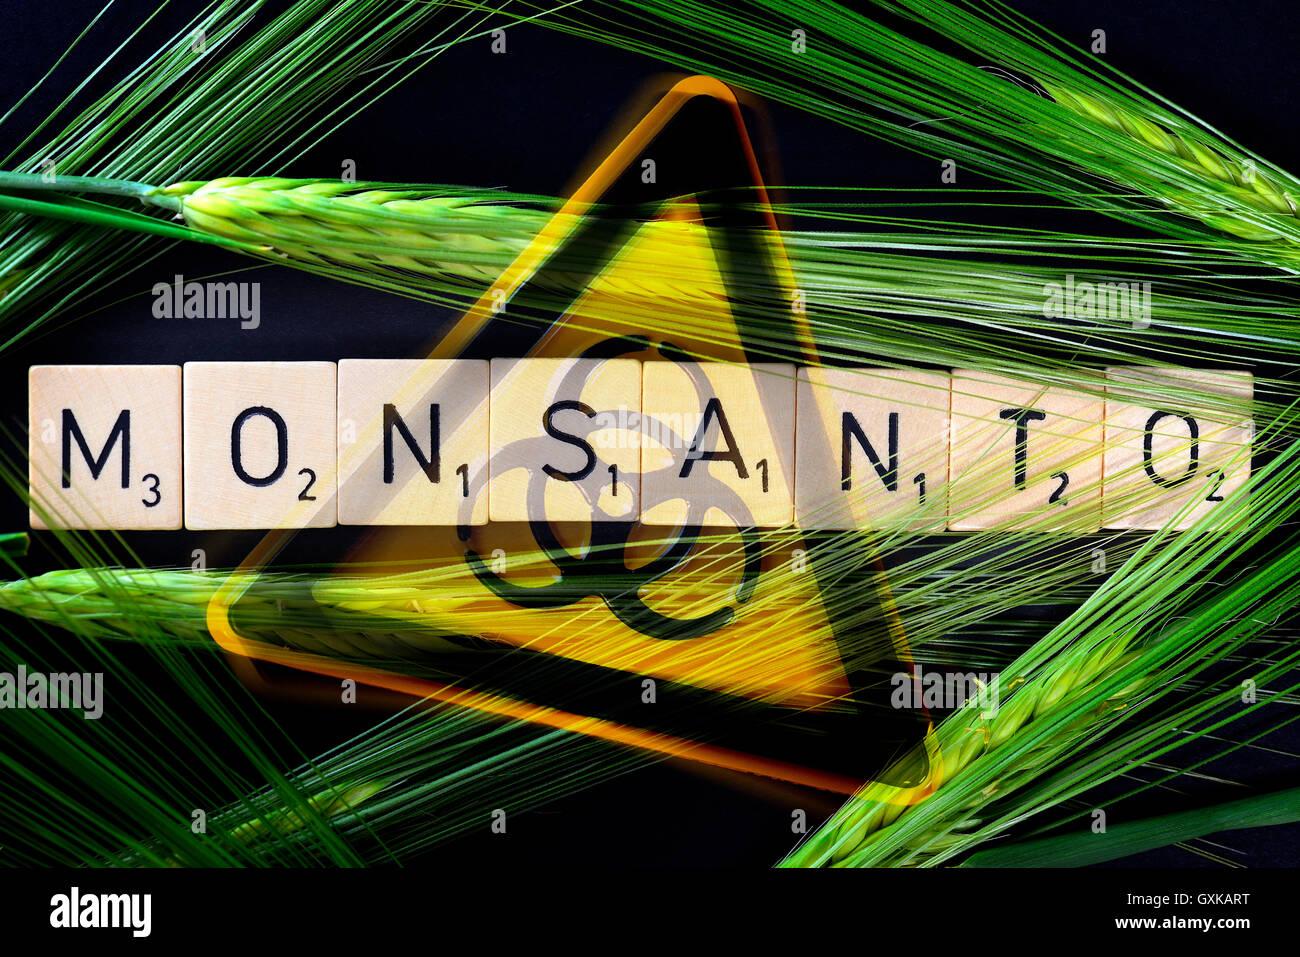 Monsanto-Schriftzug, Getreideähren und Biogefährdungszeichen - Stock Image